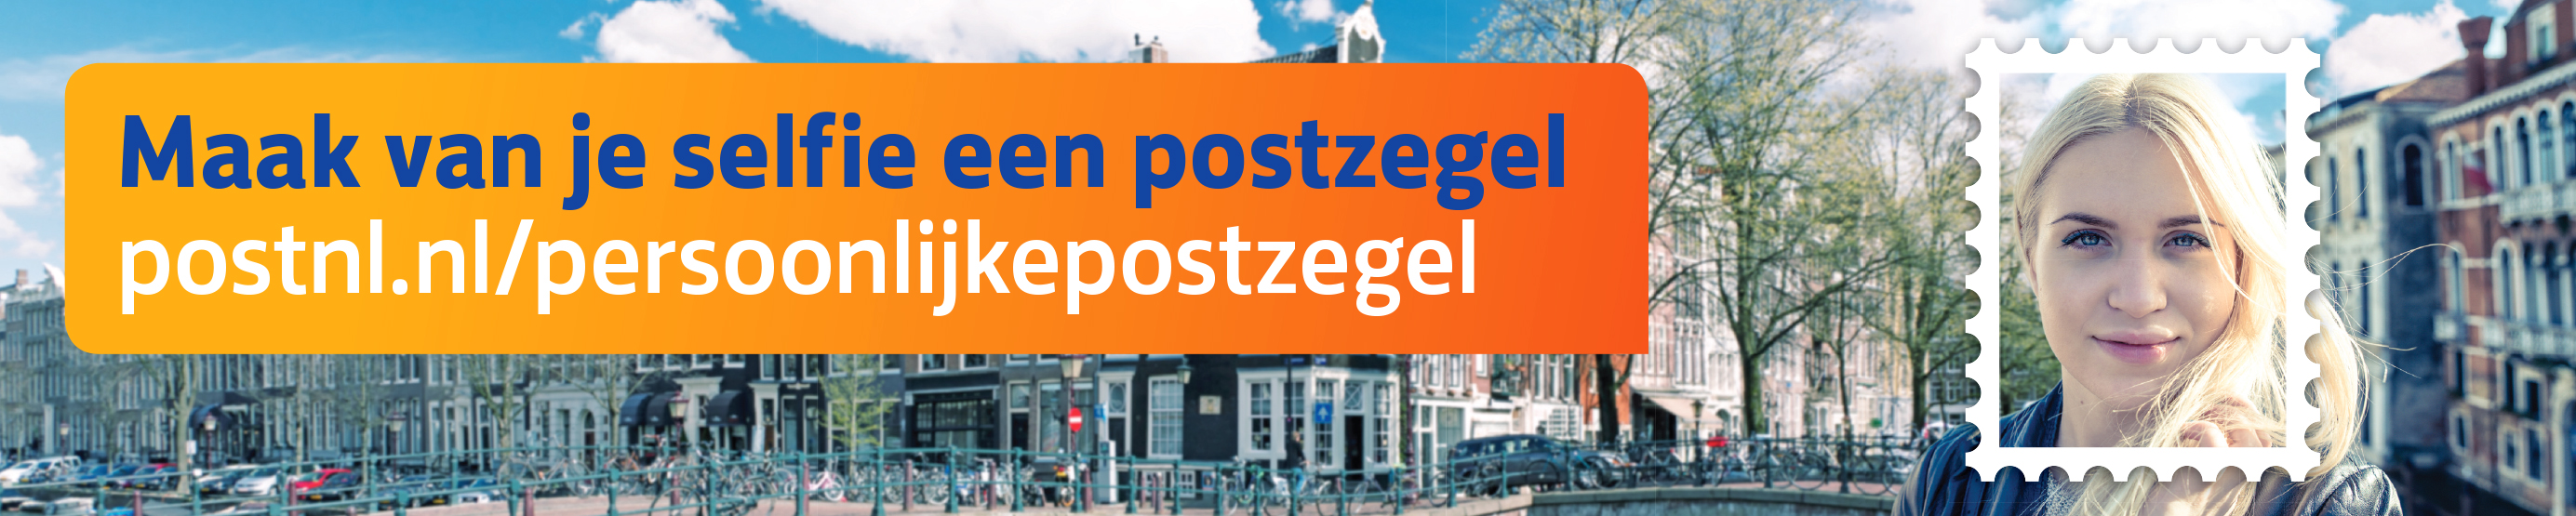 PostNL_Brievenbussticker_300x60.indd